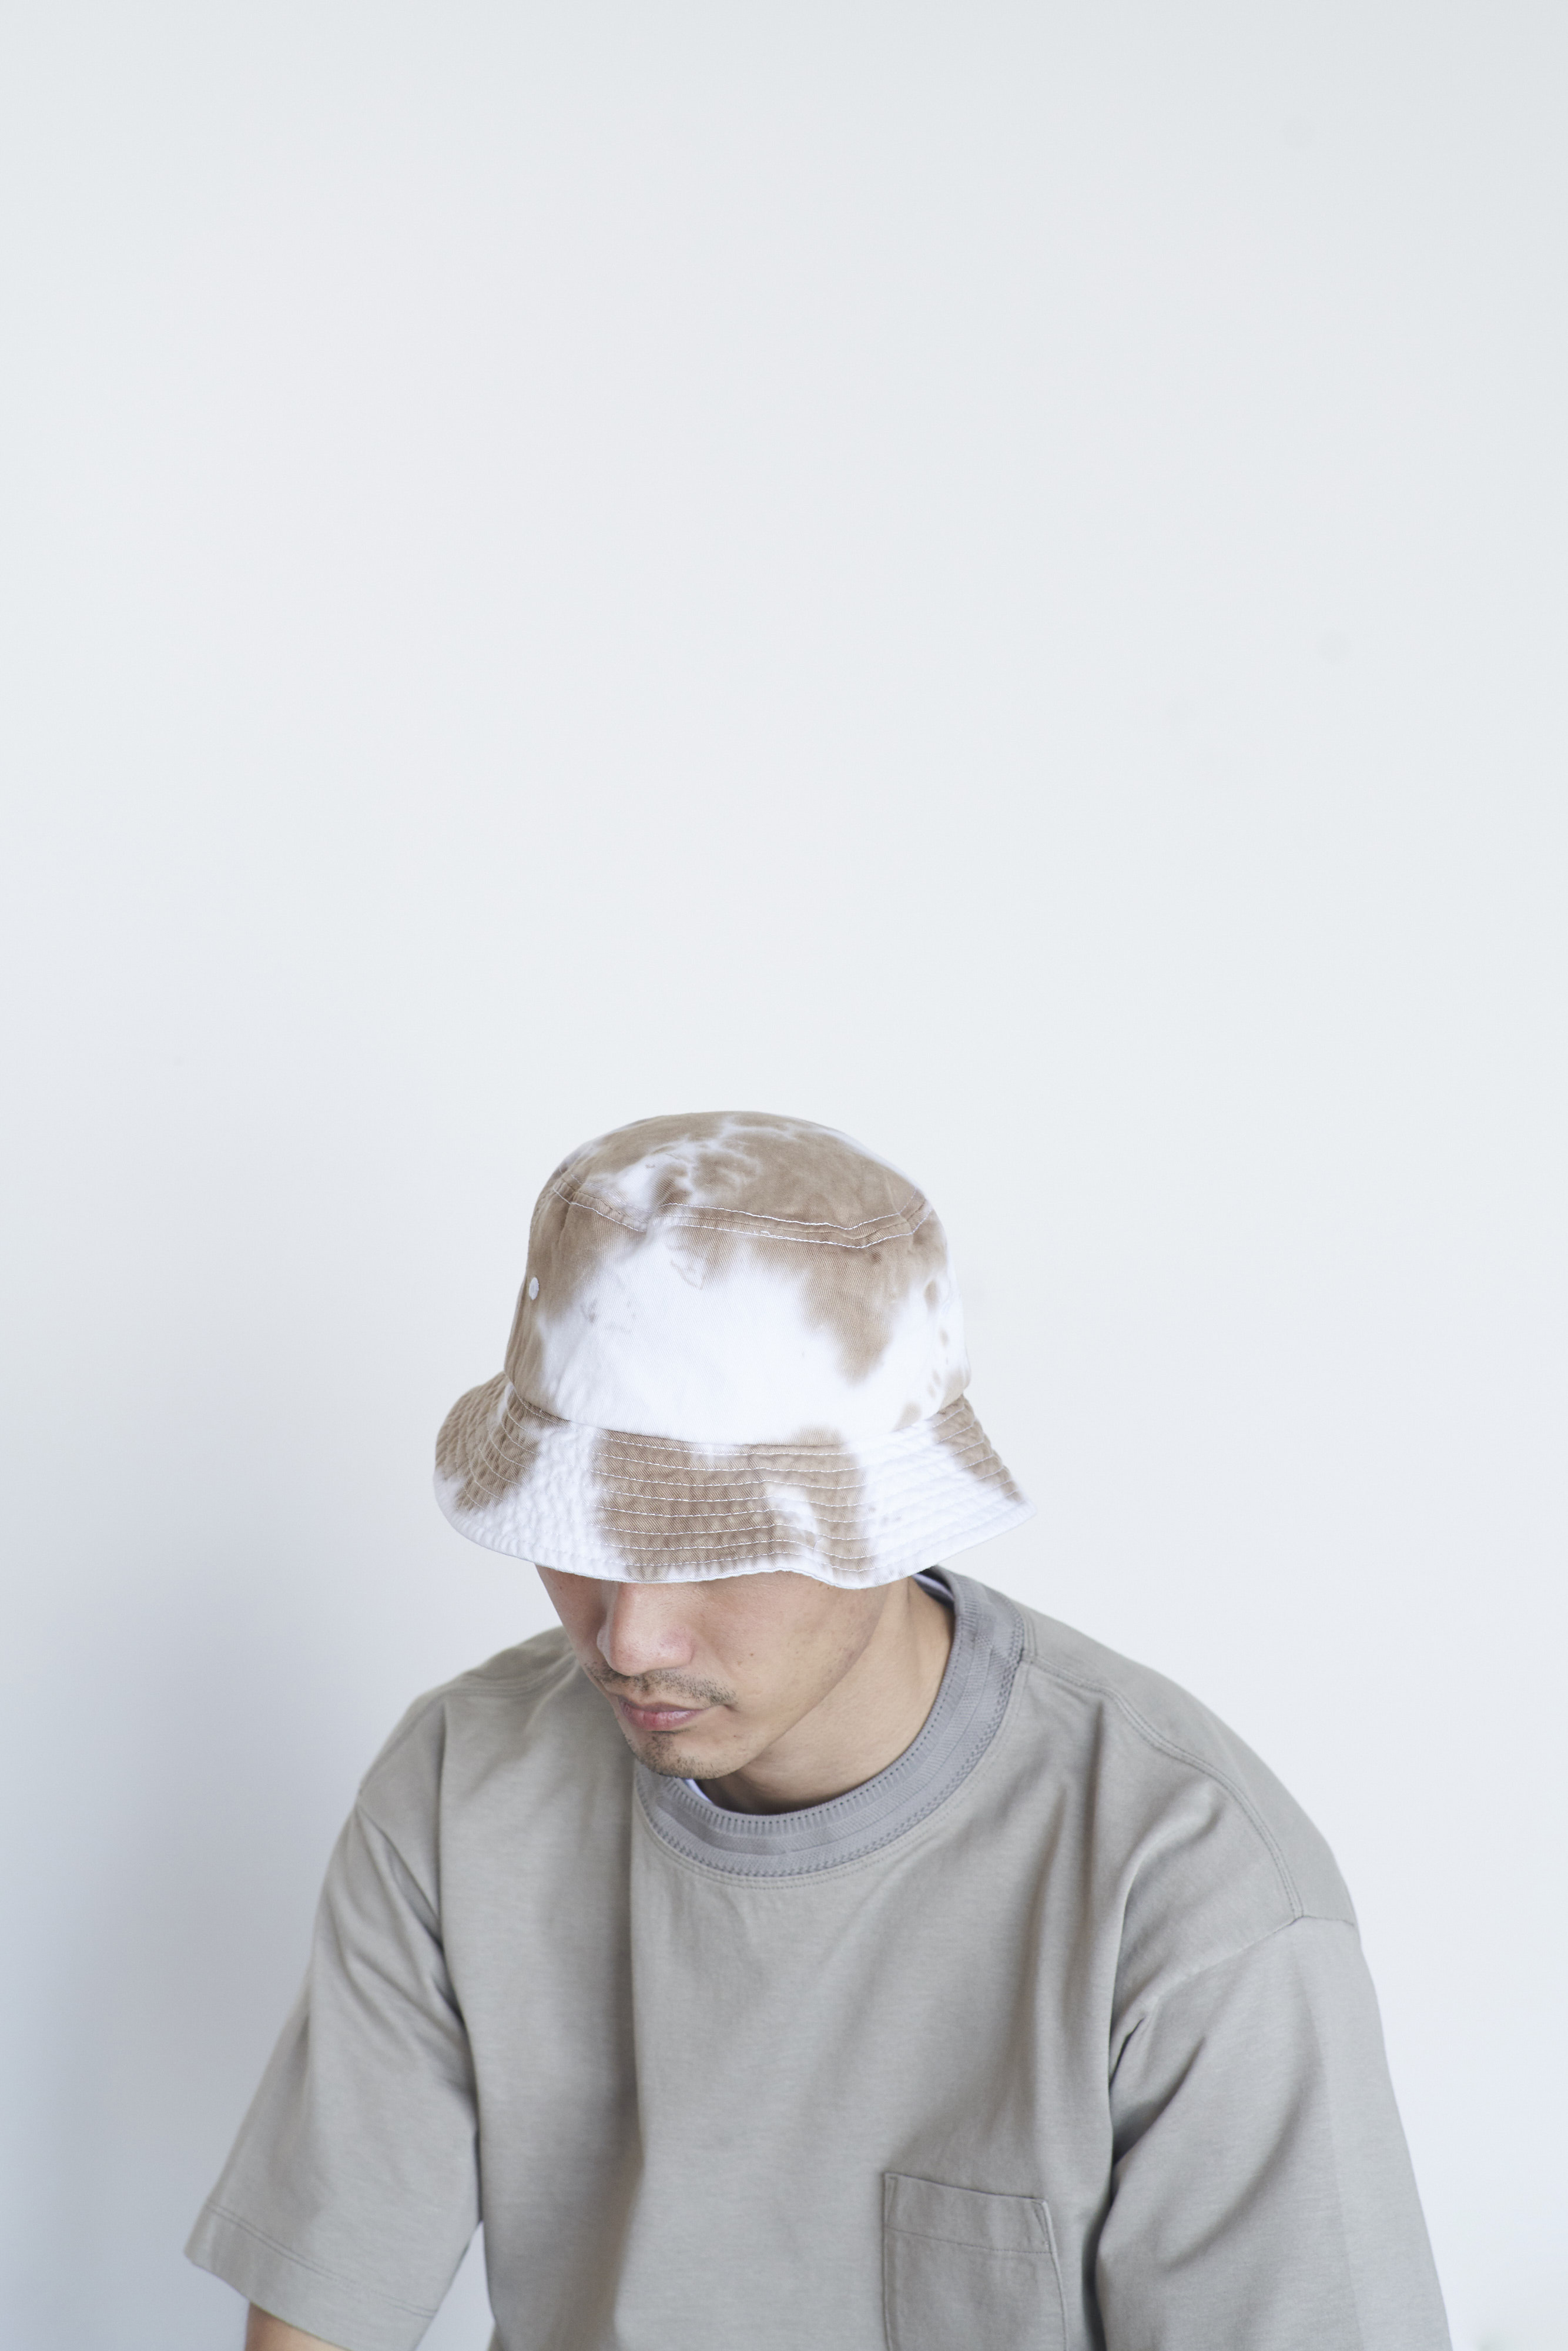 STAR&STRIPE TIEDYE BUCKET CAP